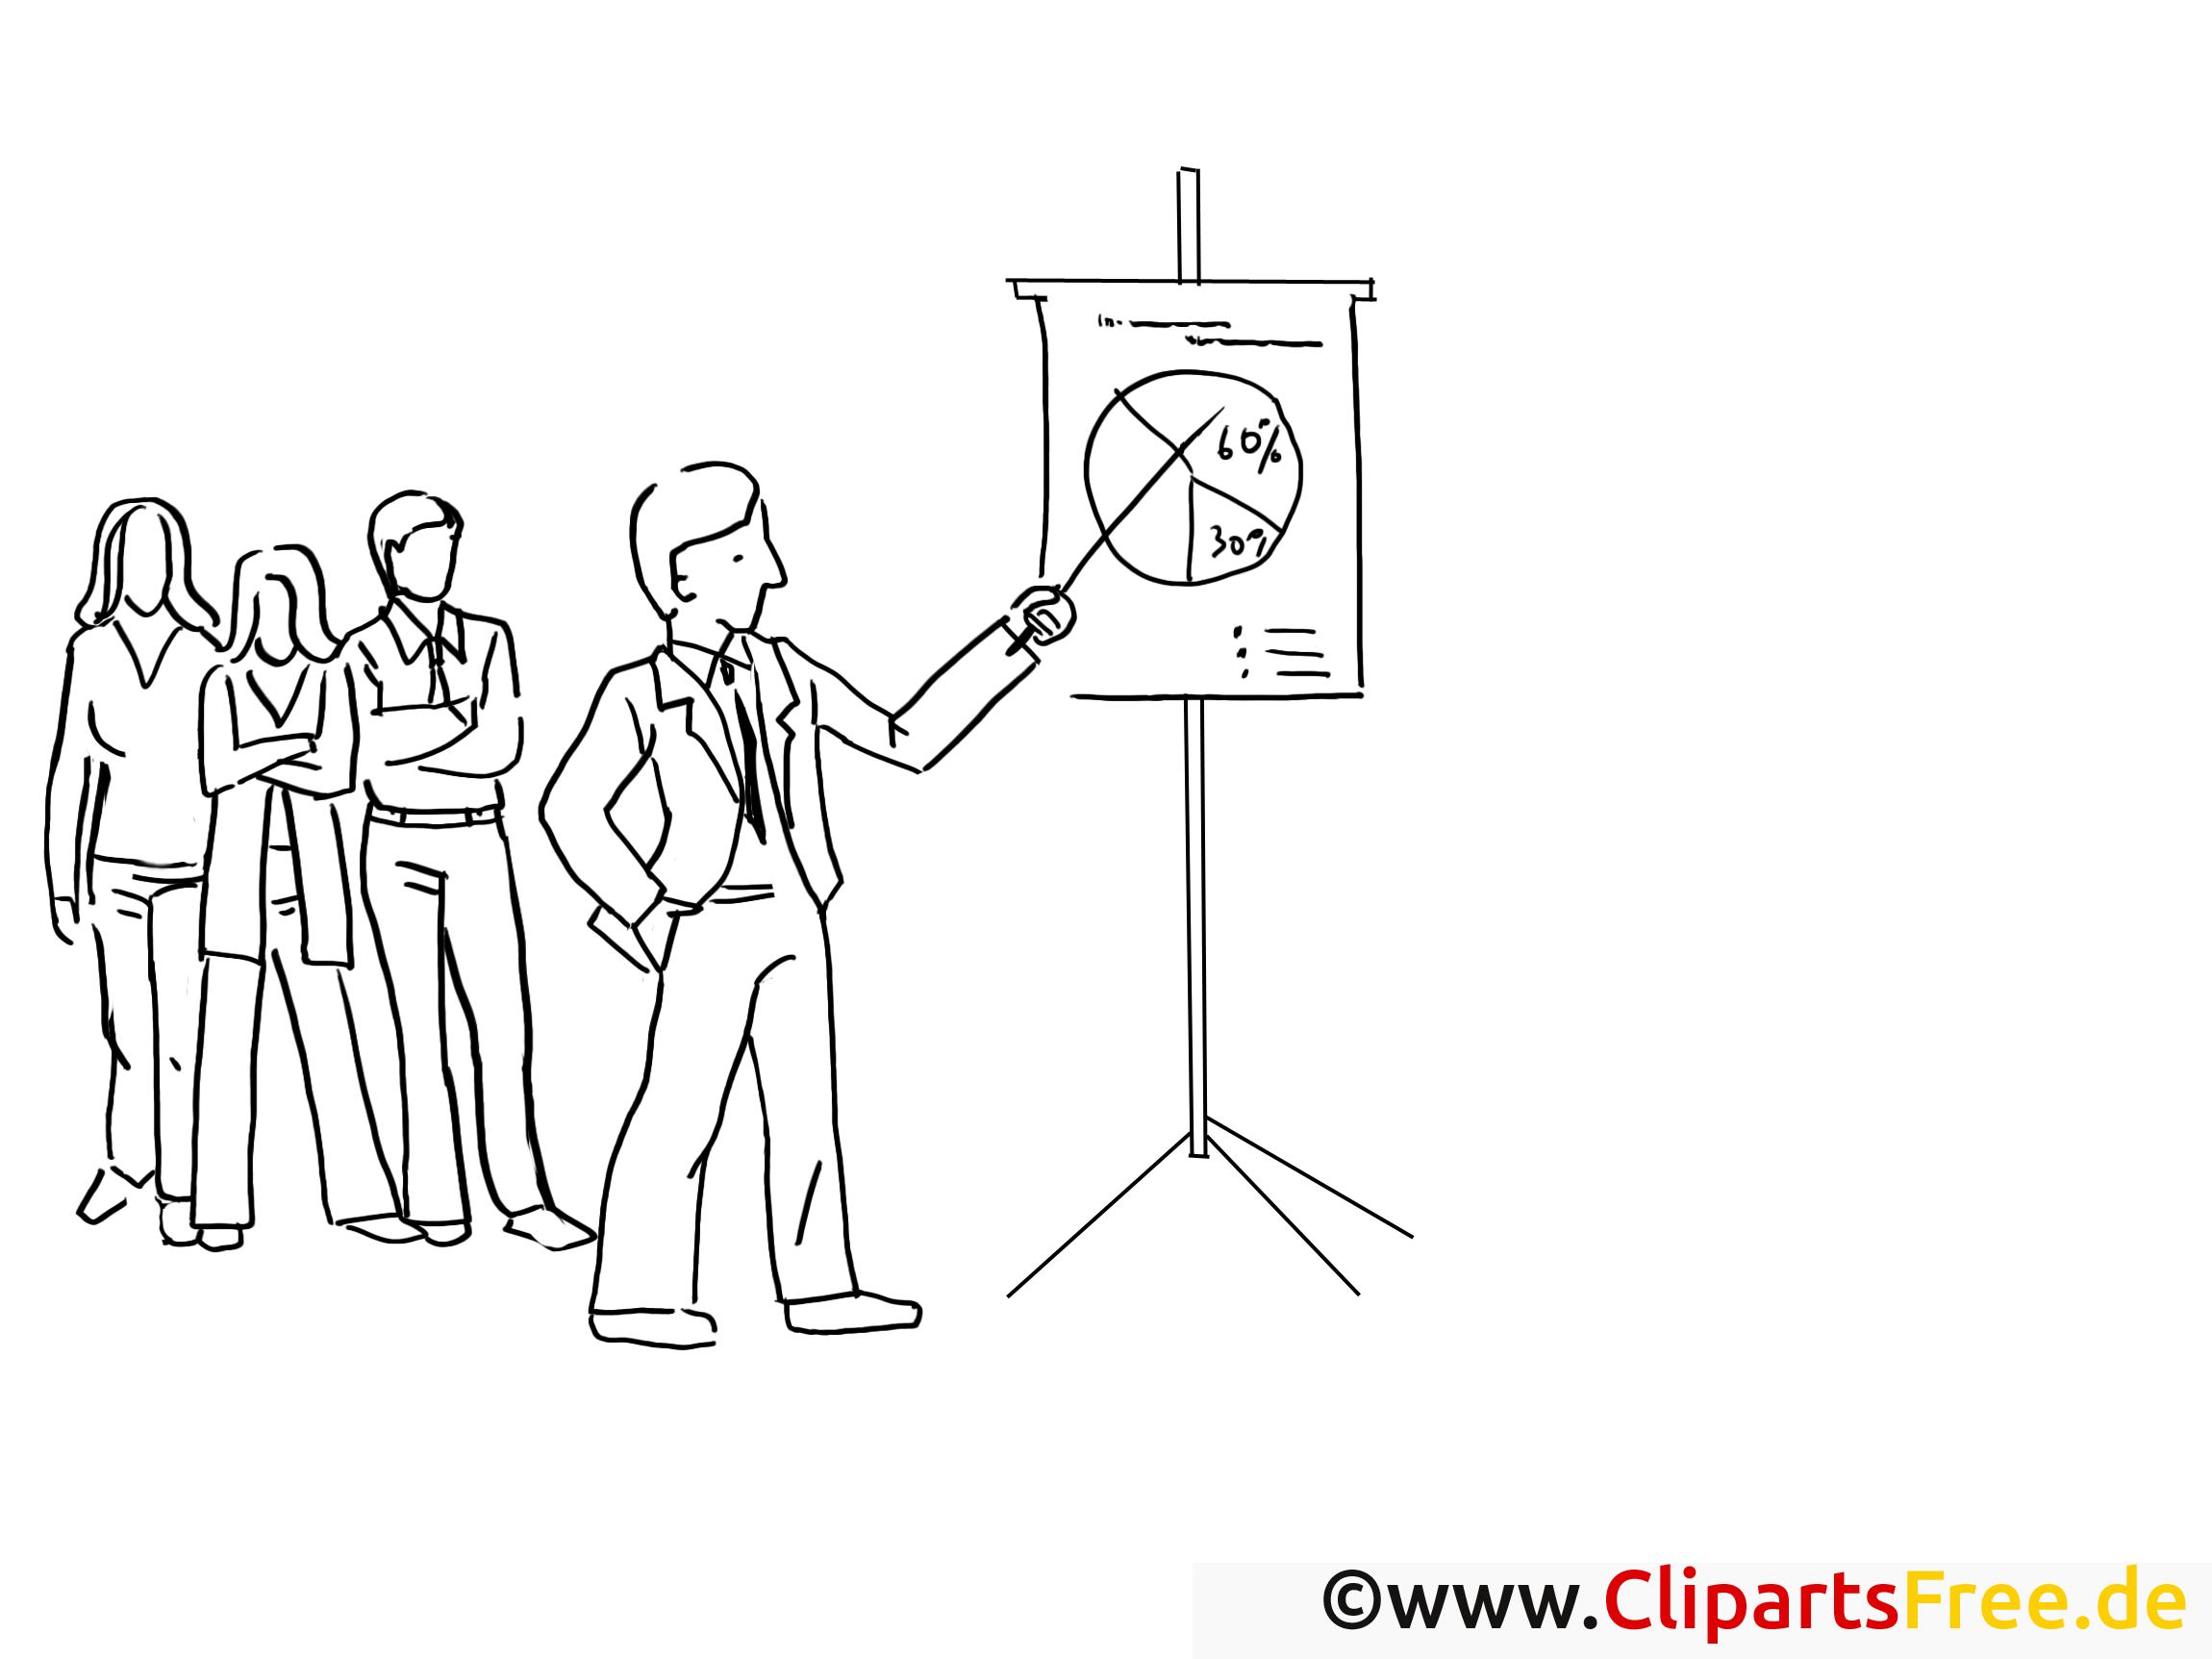 Diagramme dessin travail gratuits imprimer travail - Coloriage travail ...